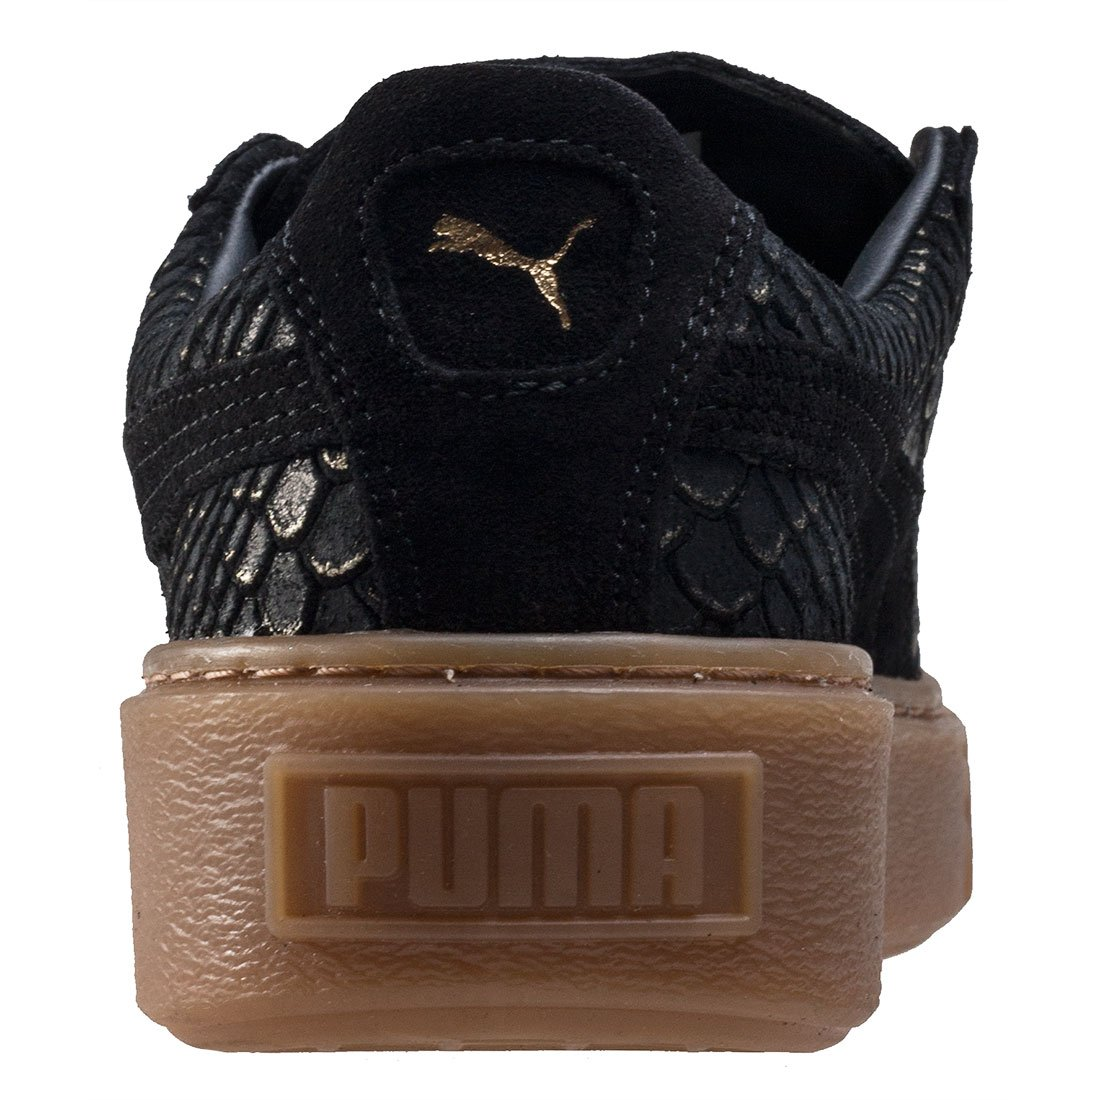 9cf220cb79 Puma Mujer Negro/dorado Basket Exotic Skin Platform Zapatillas: Amazon.es:  Zapatos y complementos